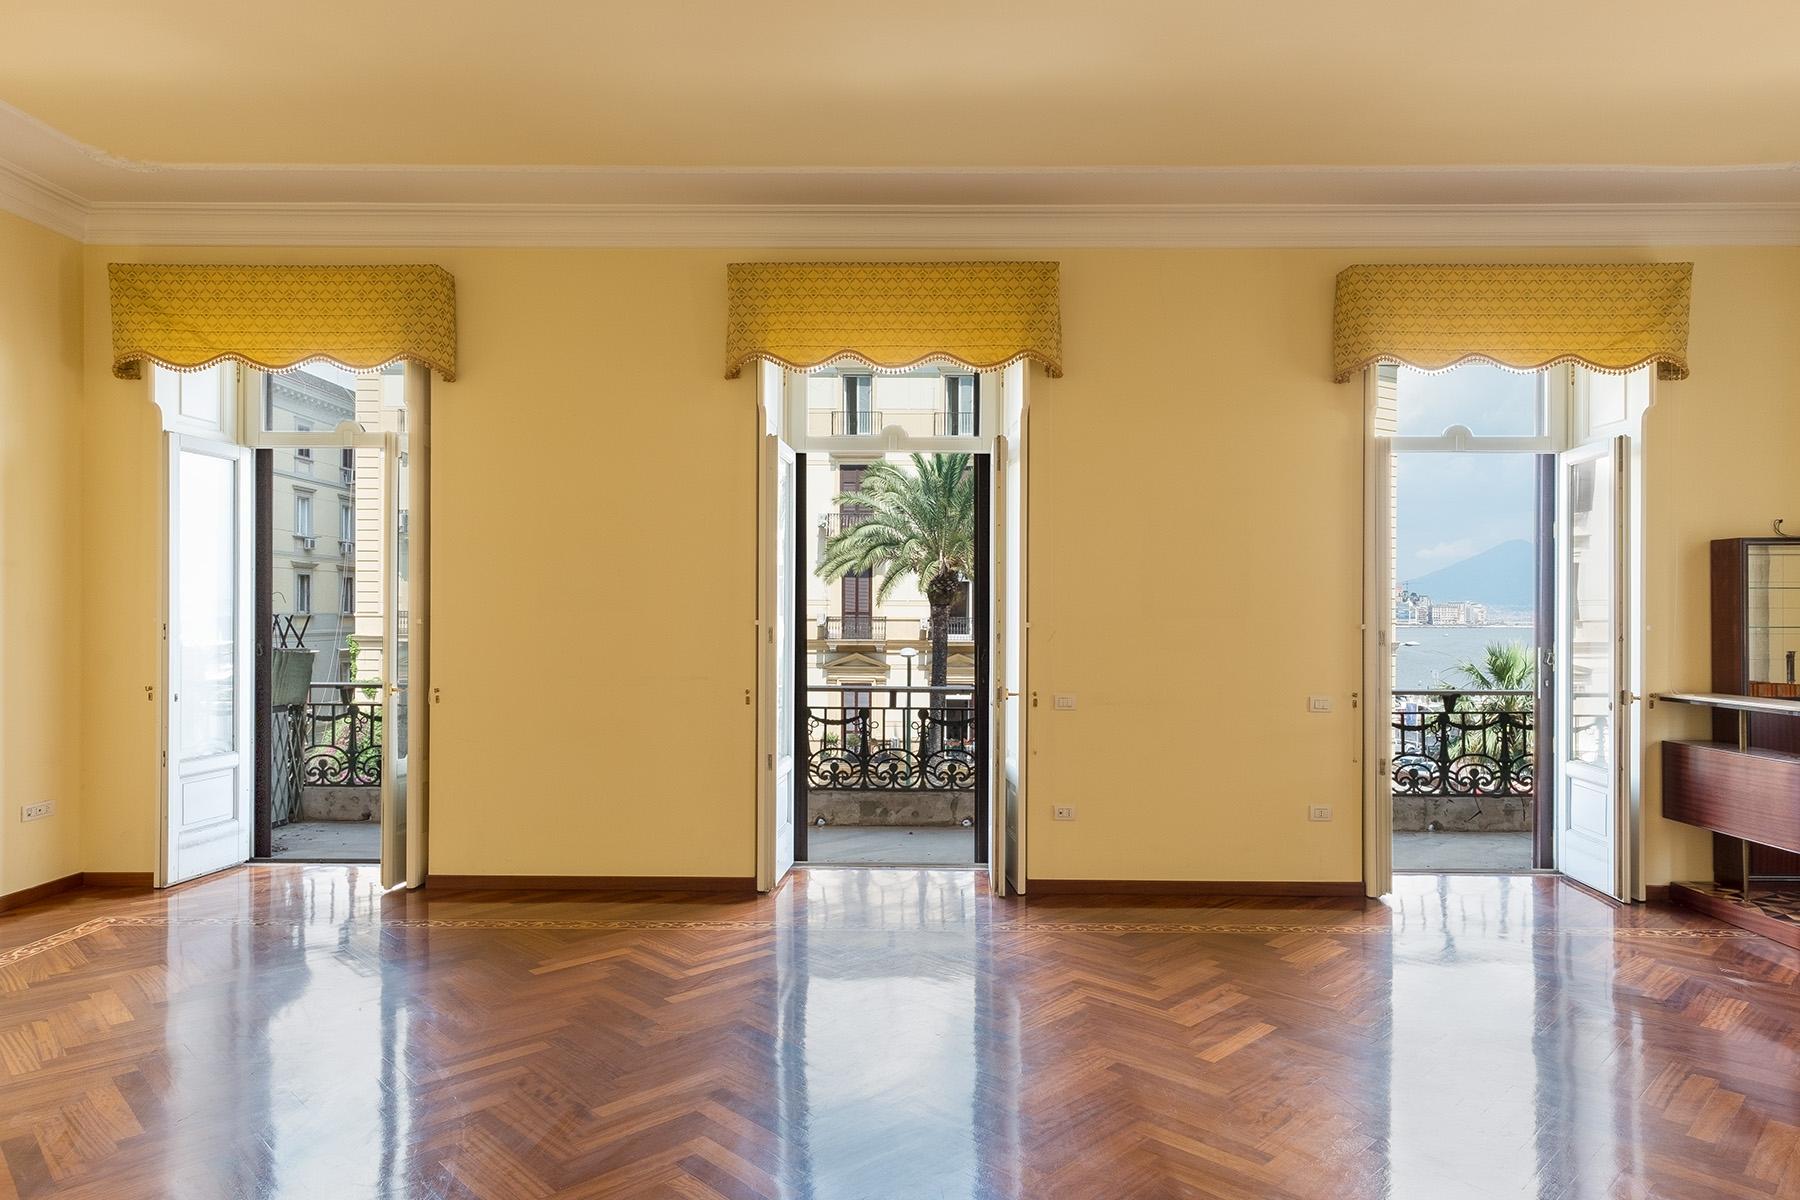 Appartamento in Vendita a Napoli piazza sannazzaro